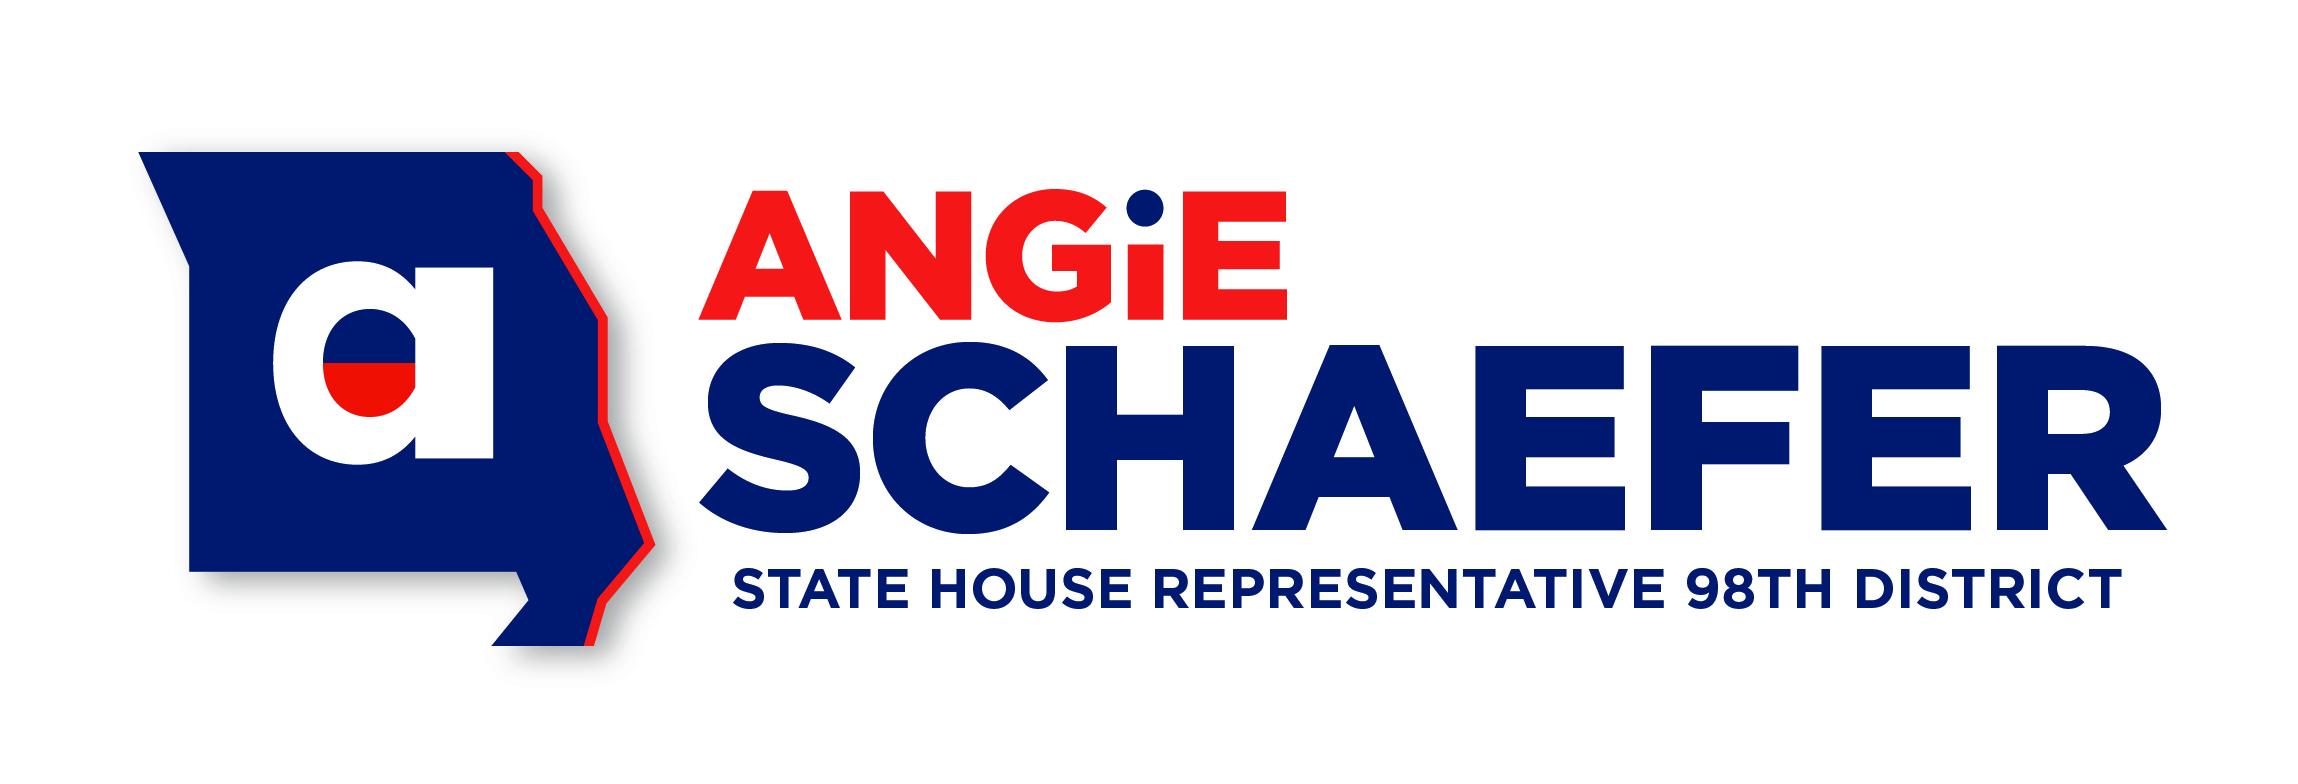 Angie Schaefer Logo